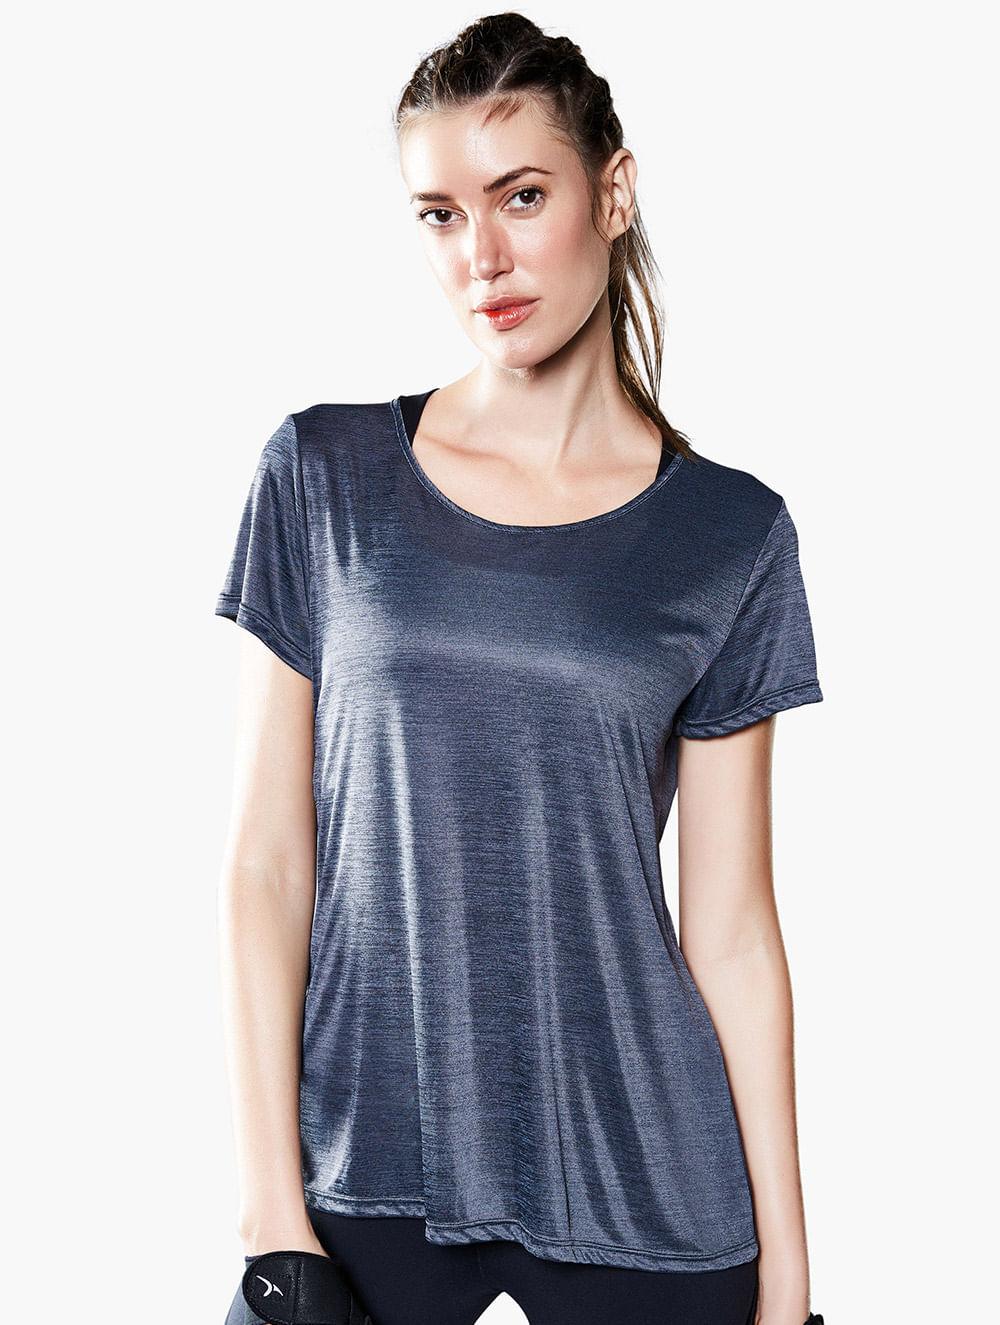 d067597dd Camisetas Fitness Femininas